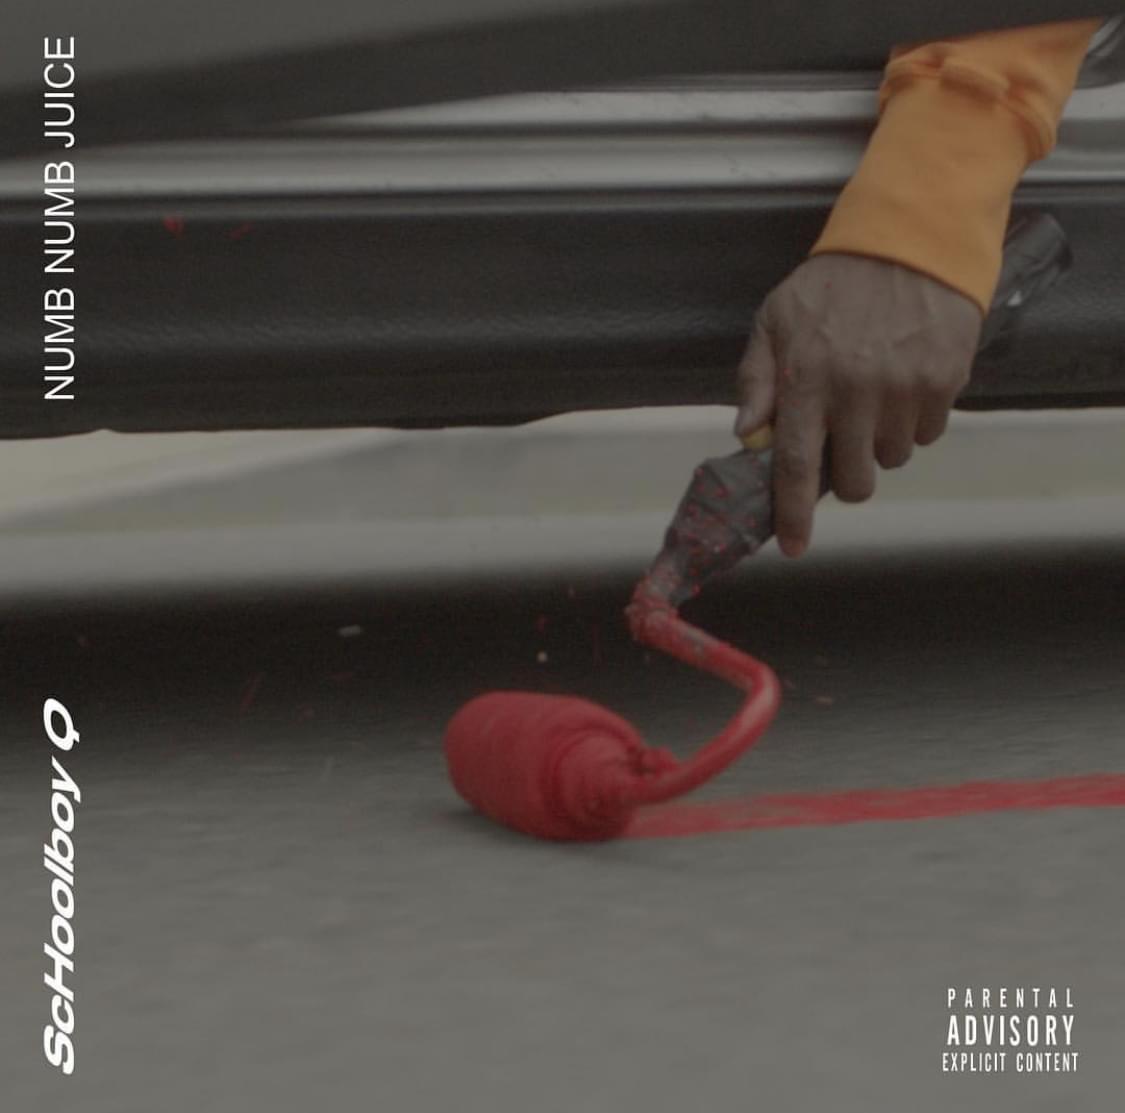 """ScHoolboy Q Releases New Single """"Numb Numb Juice"""" [LISTEN]"""